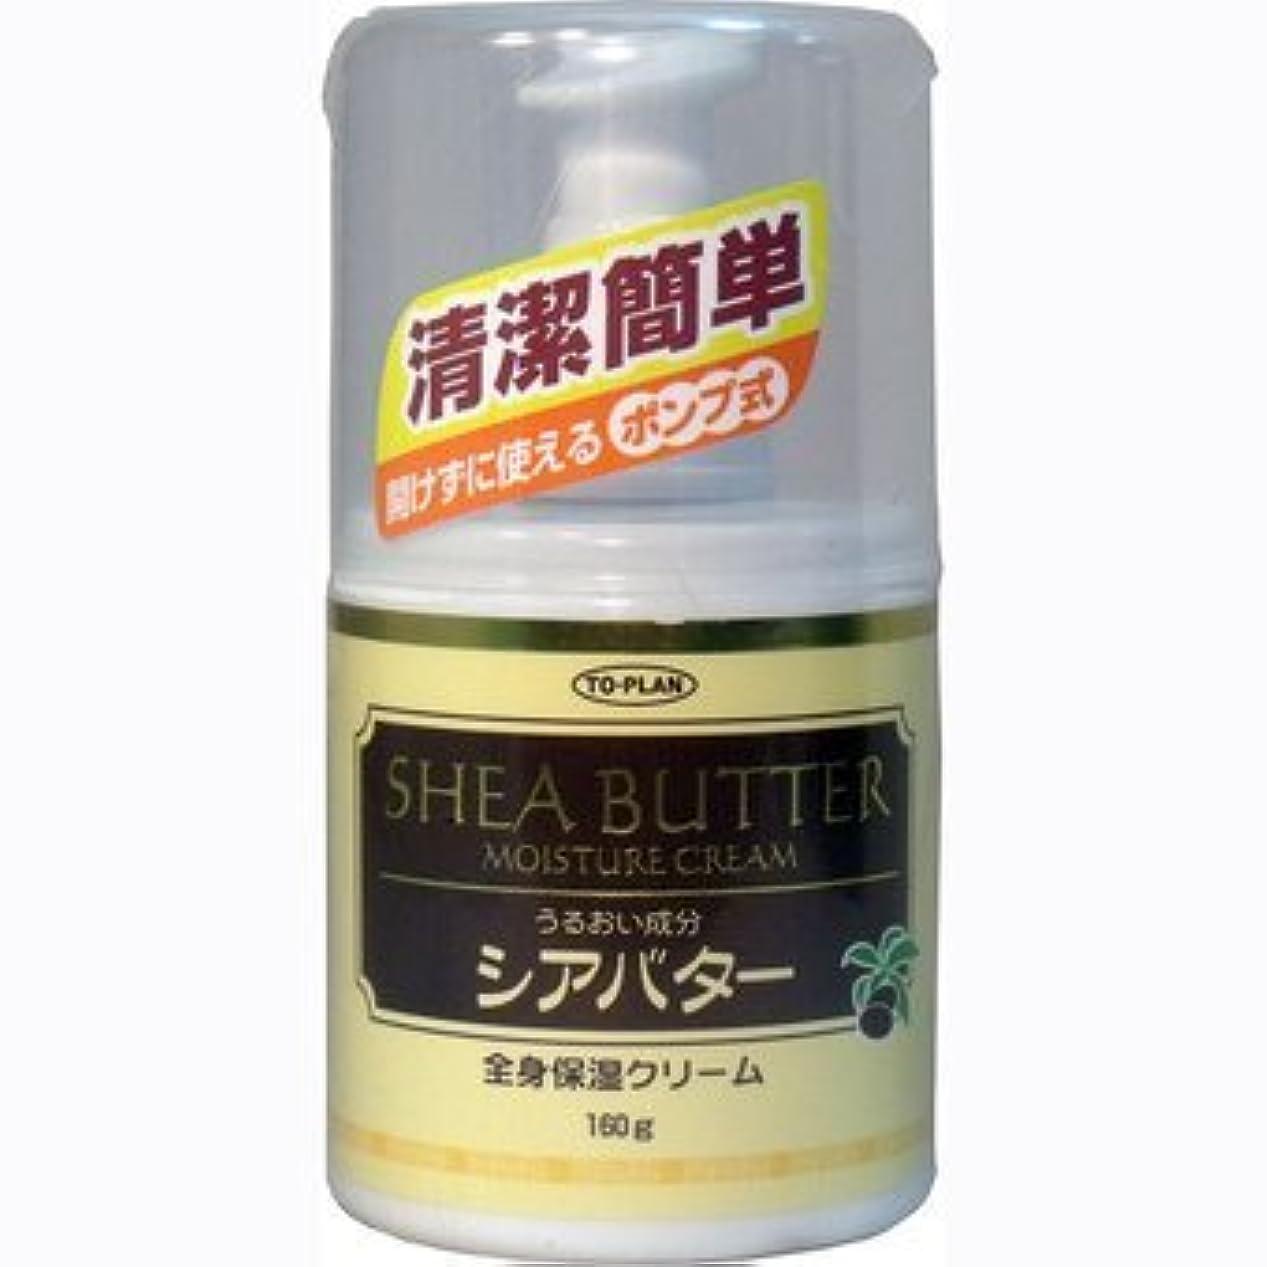 クリップ剥離浸すトプラン 全身保湿クリーム シアバター ポンプ式 160g (商品内訳:単品1本)